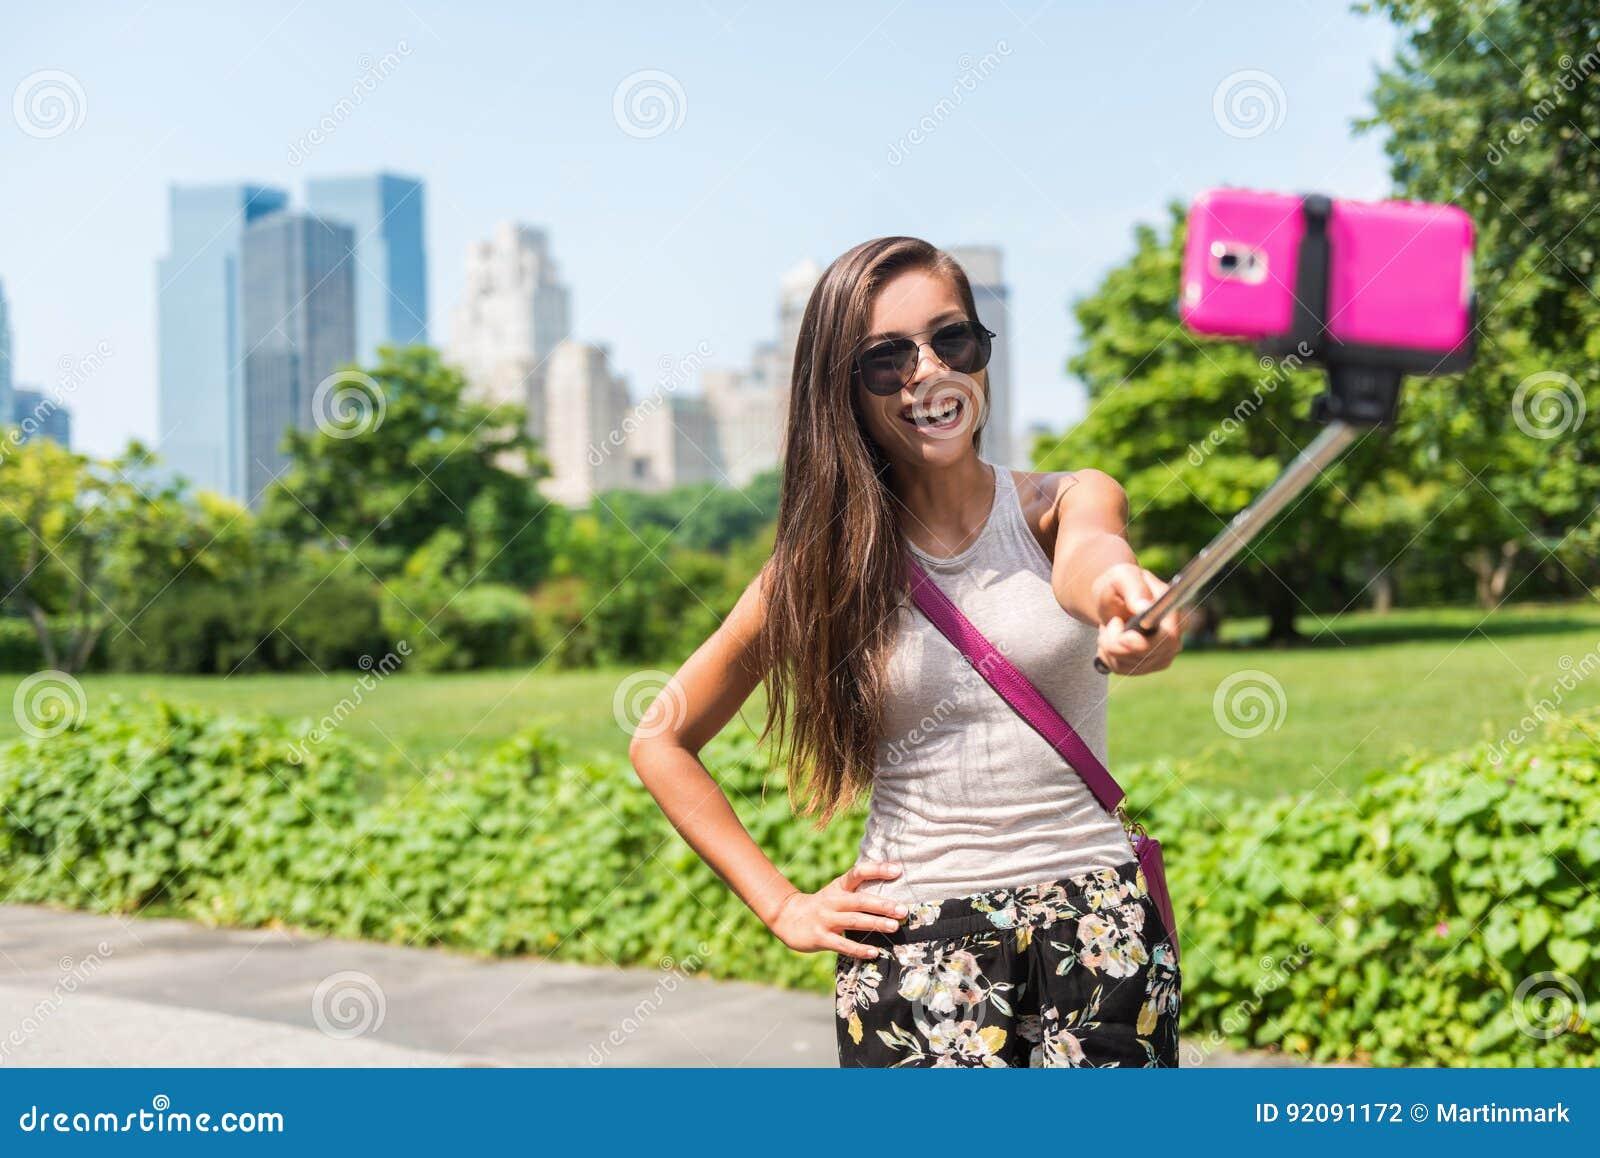 Immagine di presa turistica del bastone del selfie di viaggio felice